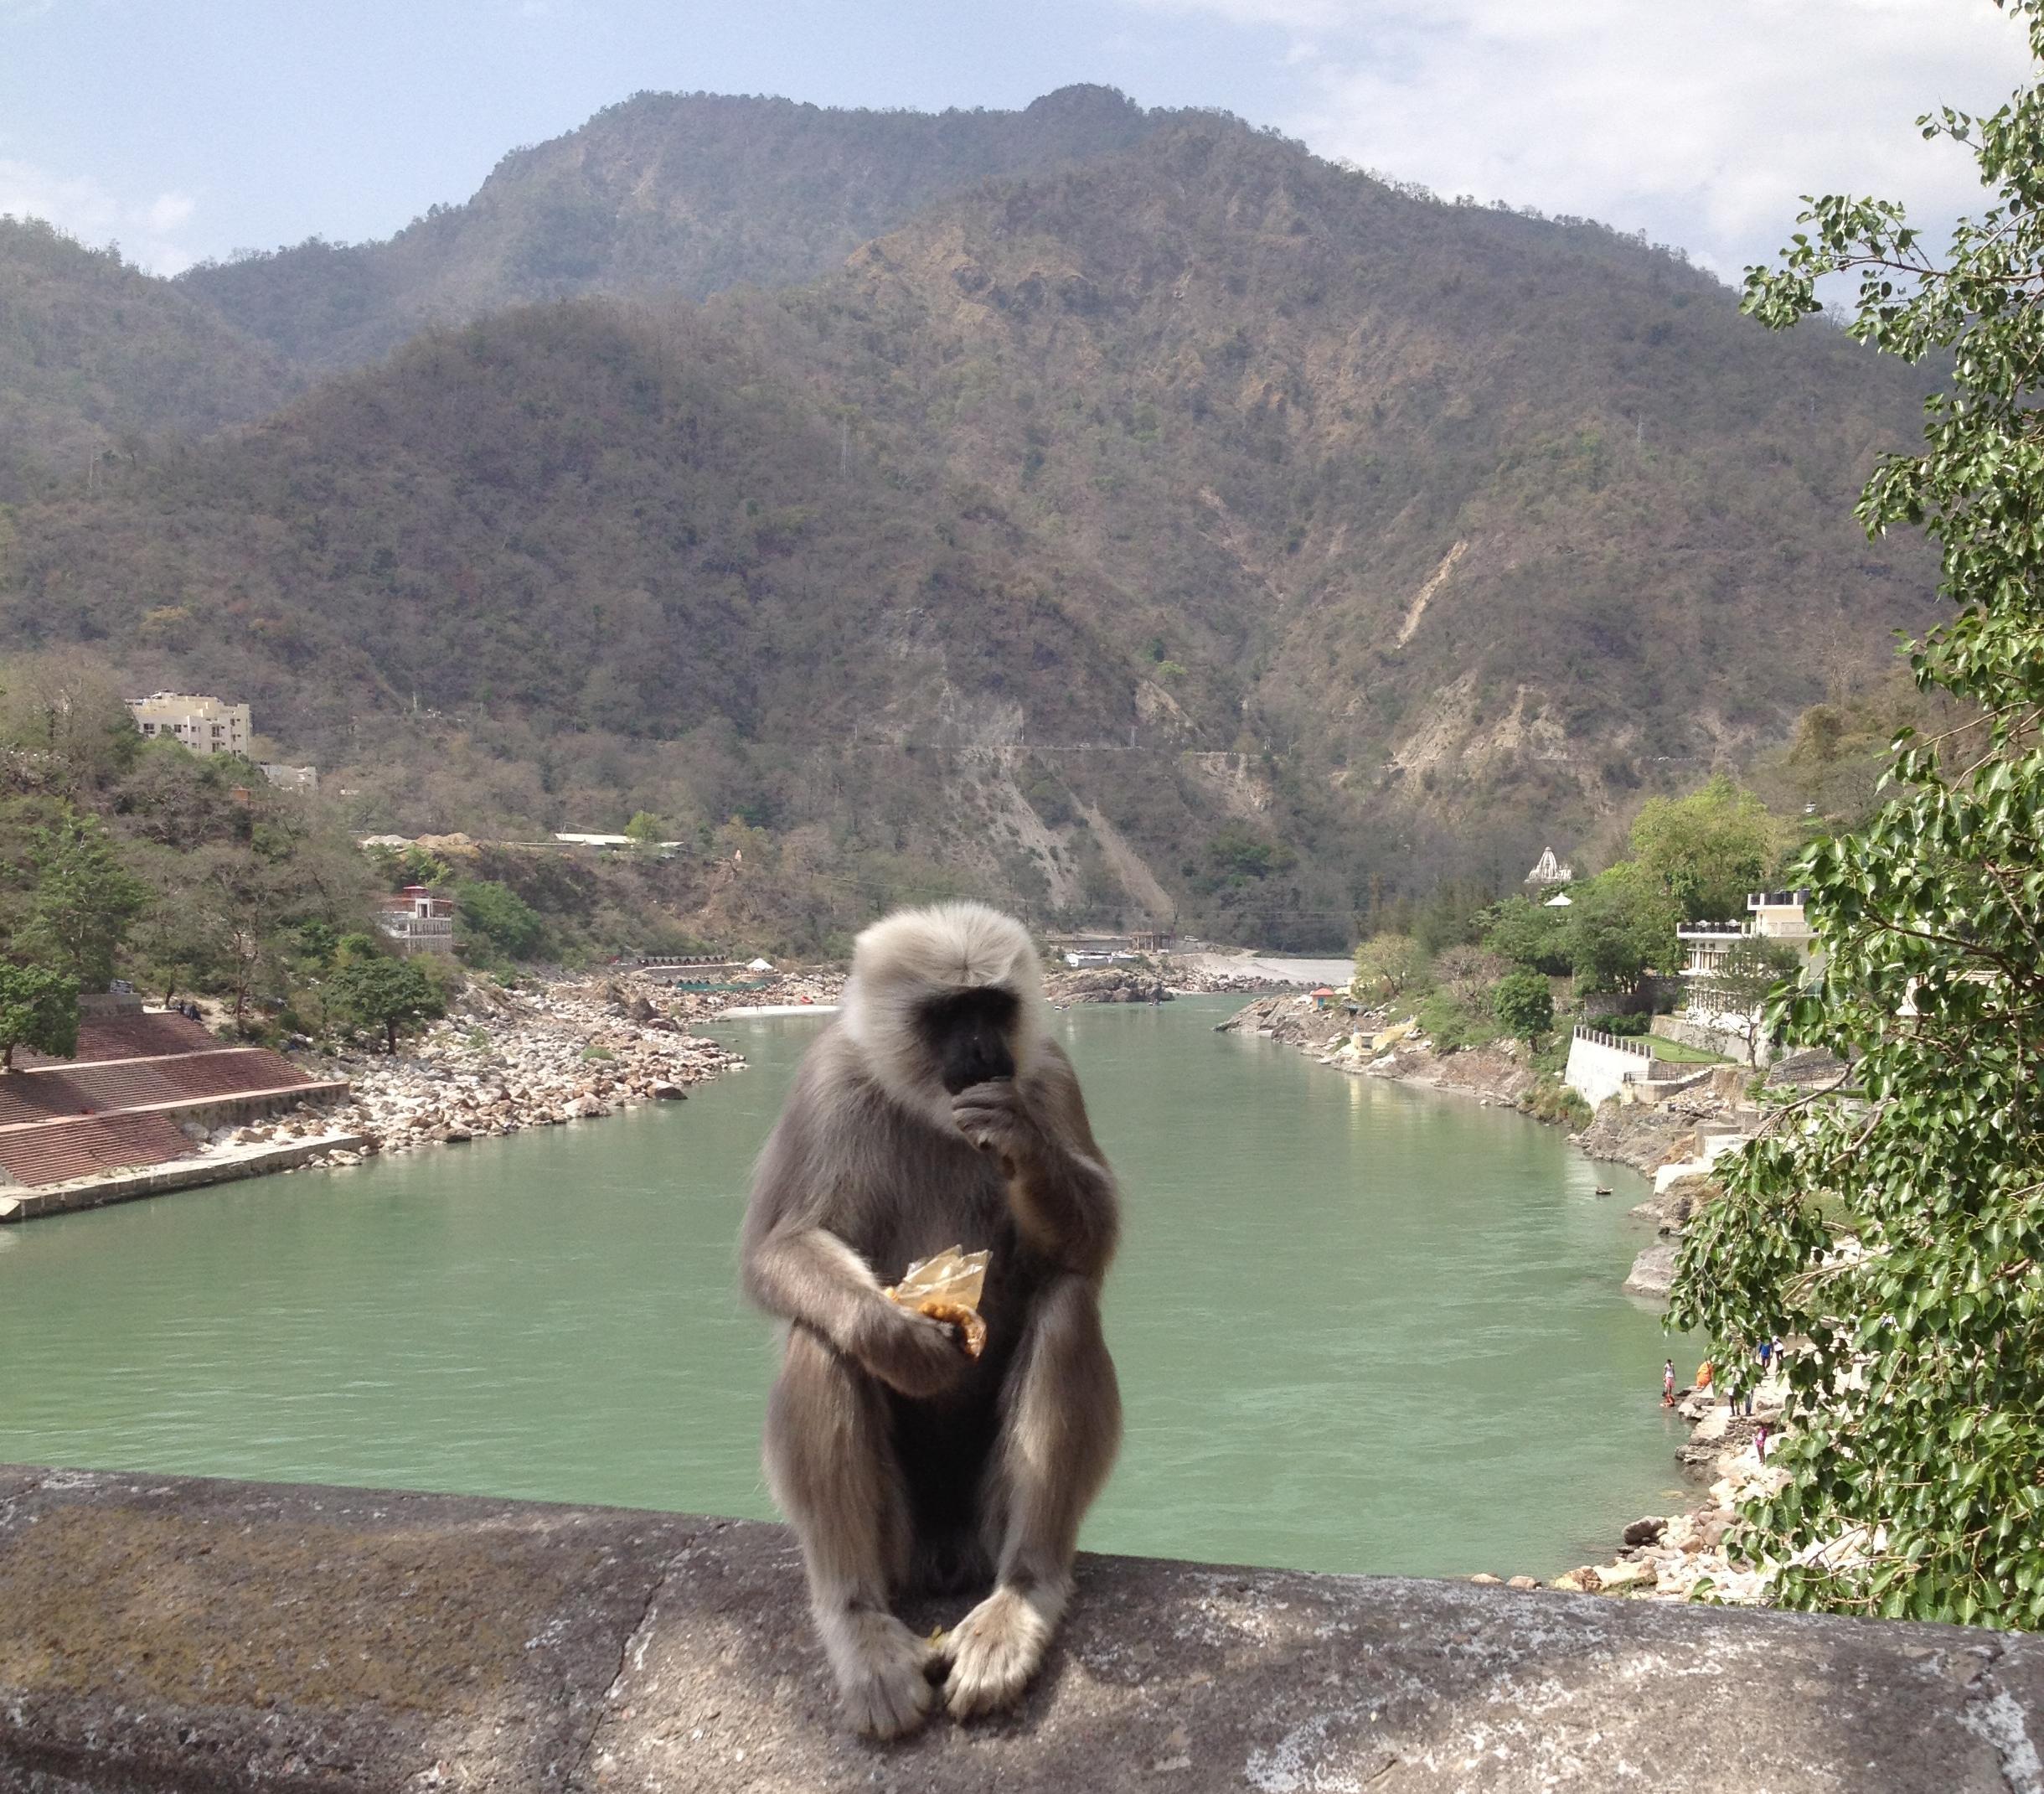 Un des nombreux singes sur le pont traversant le Gange